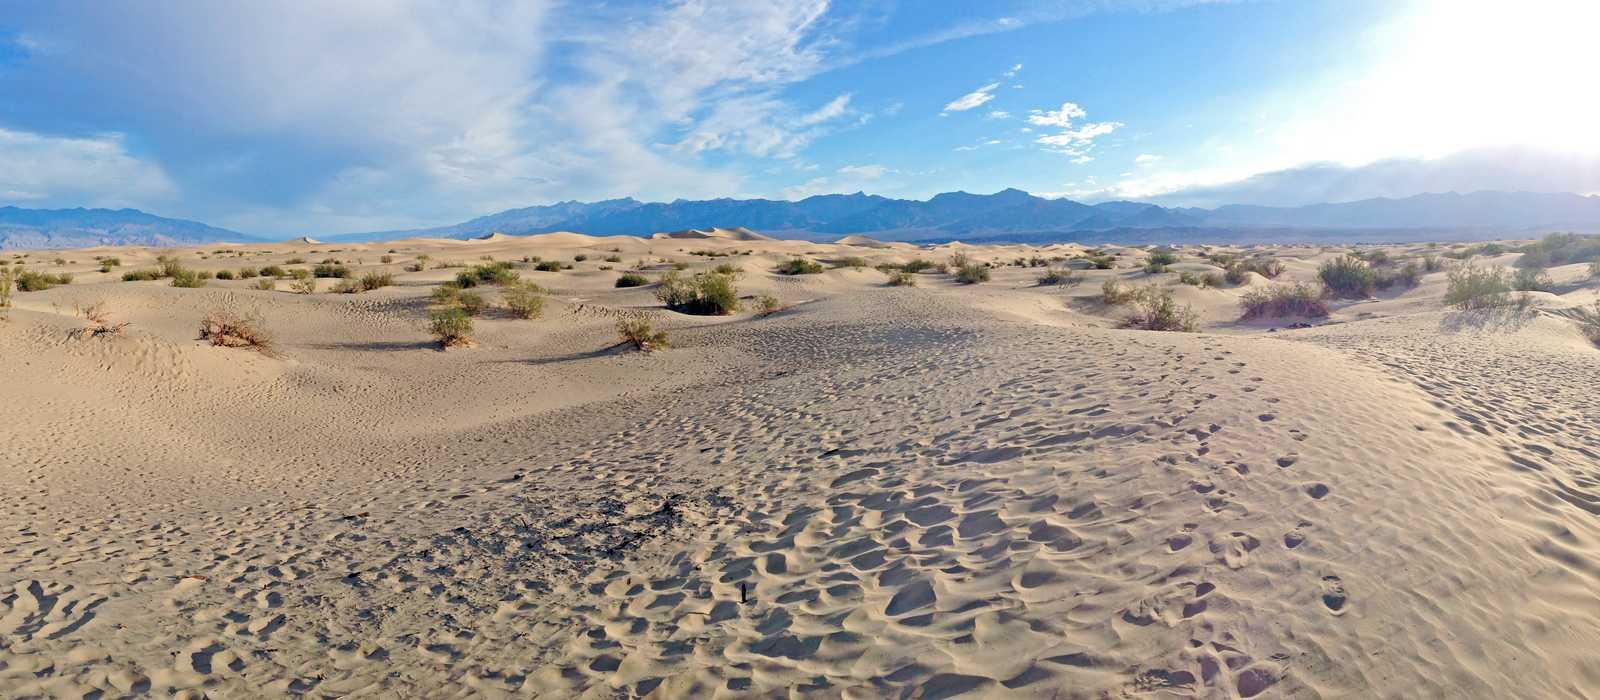 Landschaft im Death Valley